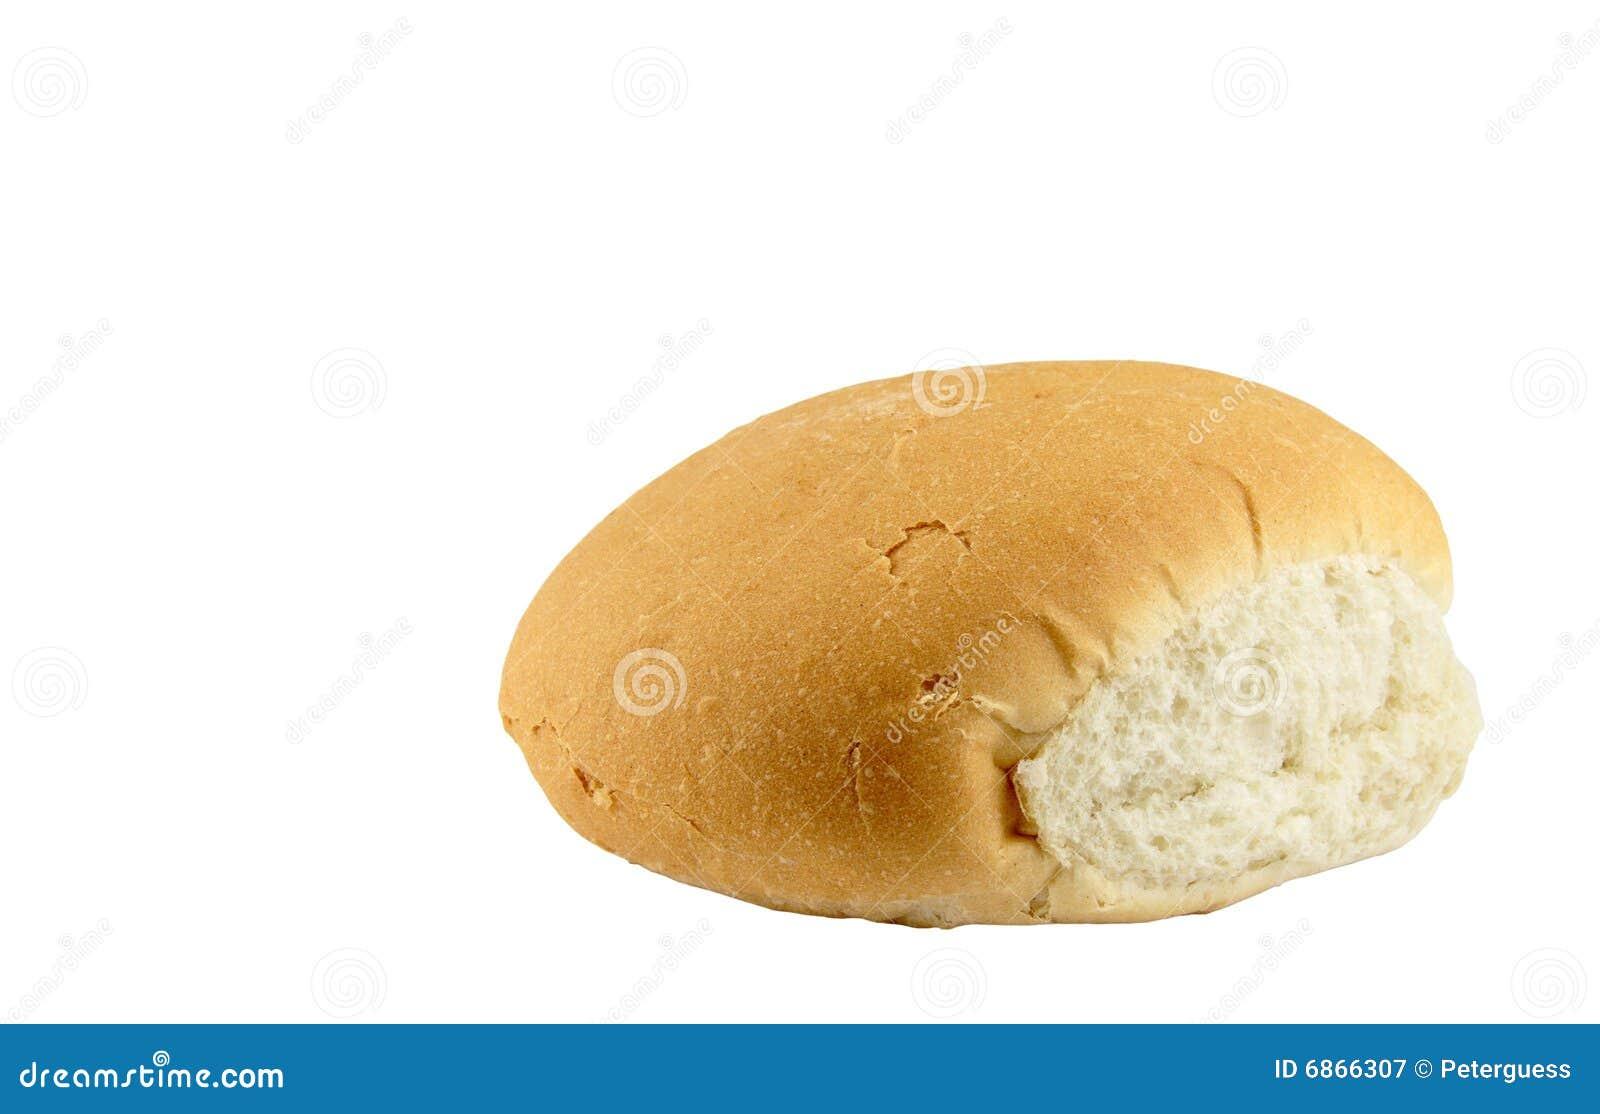 1 крен хлеба